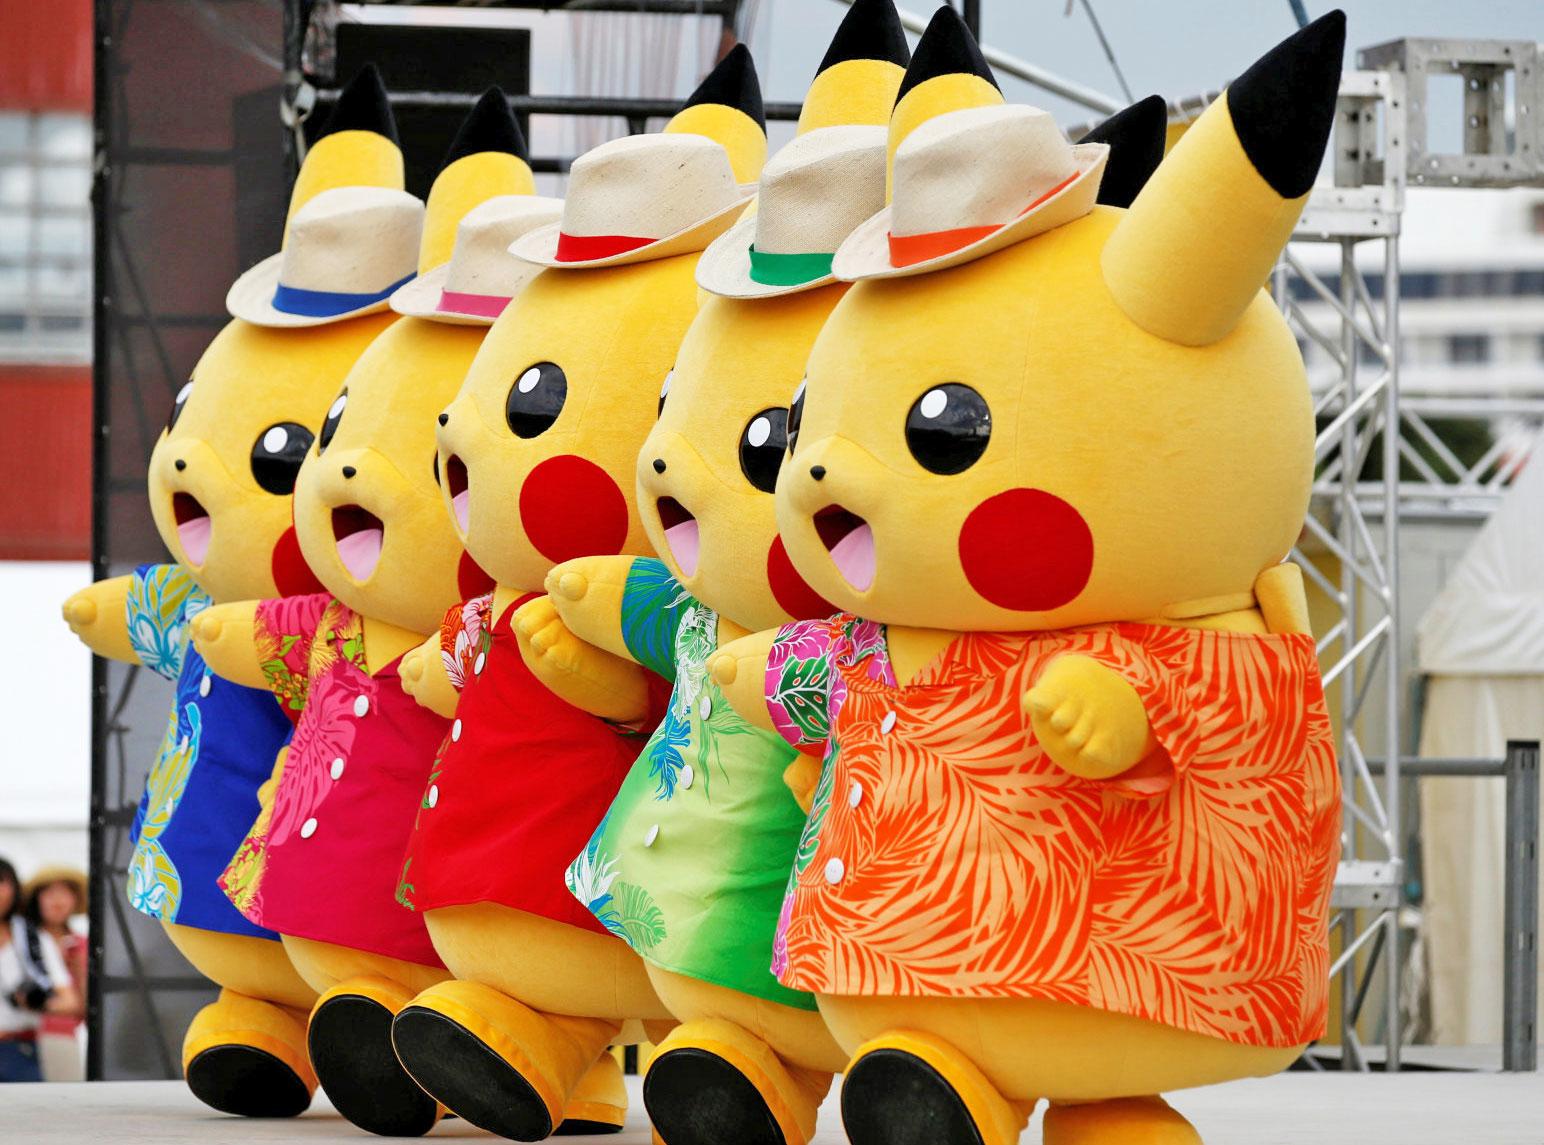 ポケモン風ゲーム制作ツール「pokémon essentials」とノウハウwiki、米